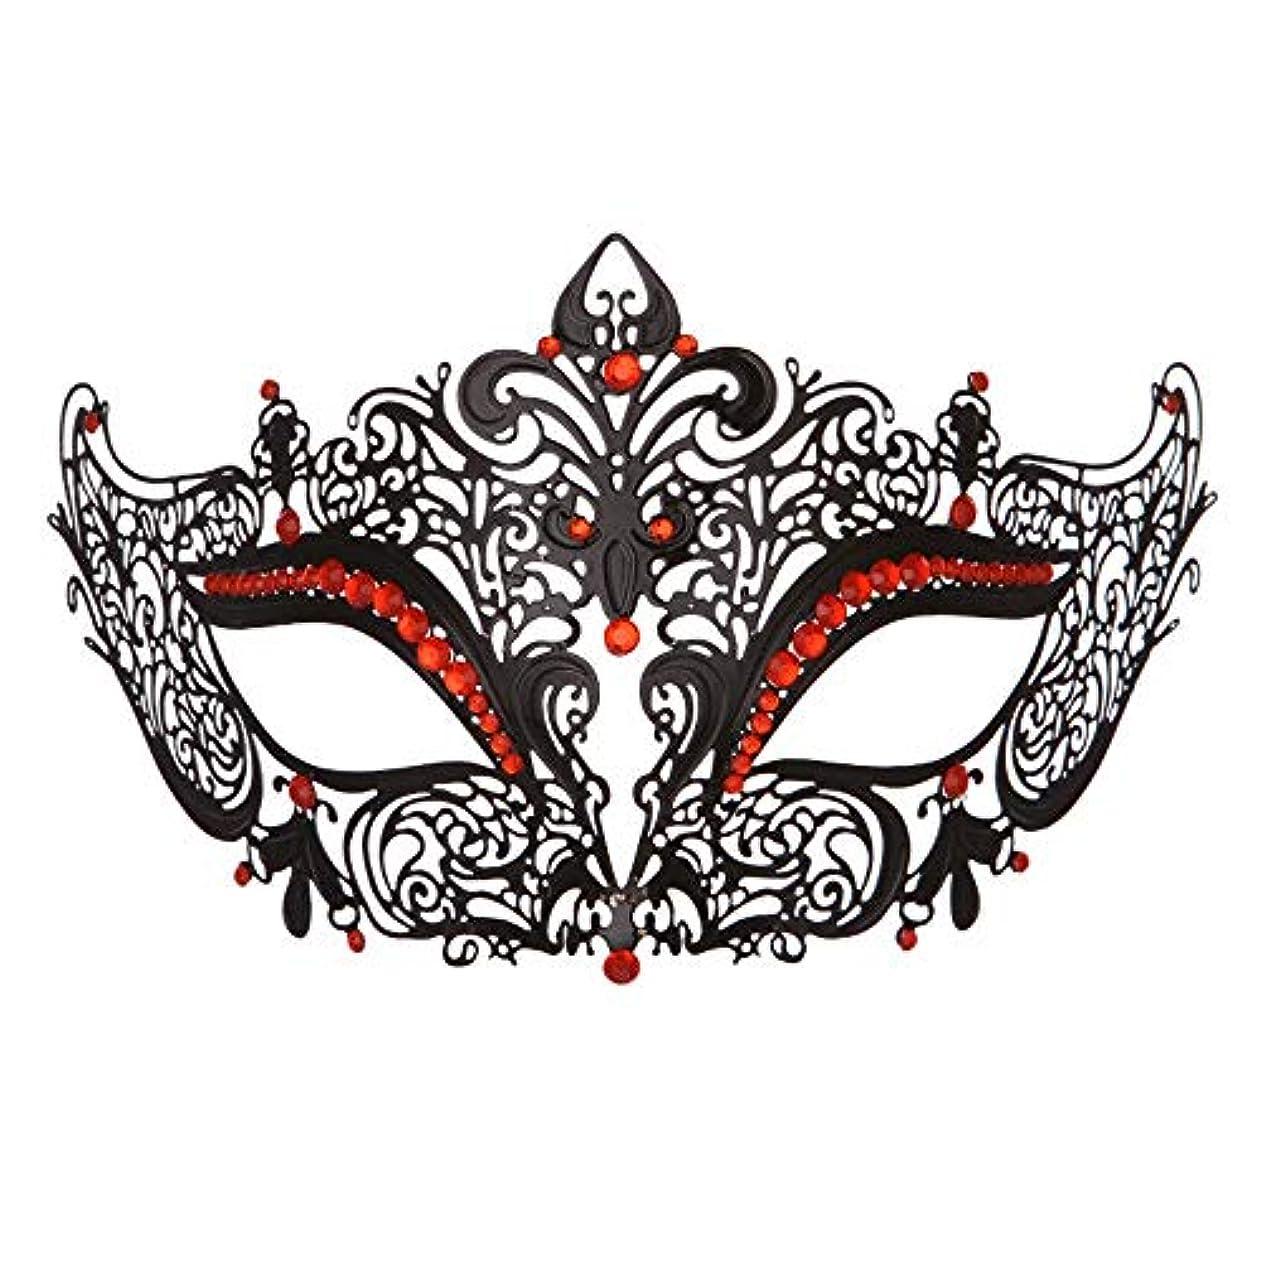 フリンジ全滅させる告白するダンスマスク 高級金属鉄マスク女性美少女中空ハーフフェイスファッションナイトクラブパーティー仮面舞踏会マスク ホリデーパーティー用品 (色 : 赤, サイズ : 19x8cm)